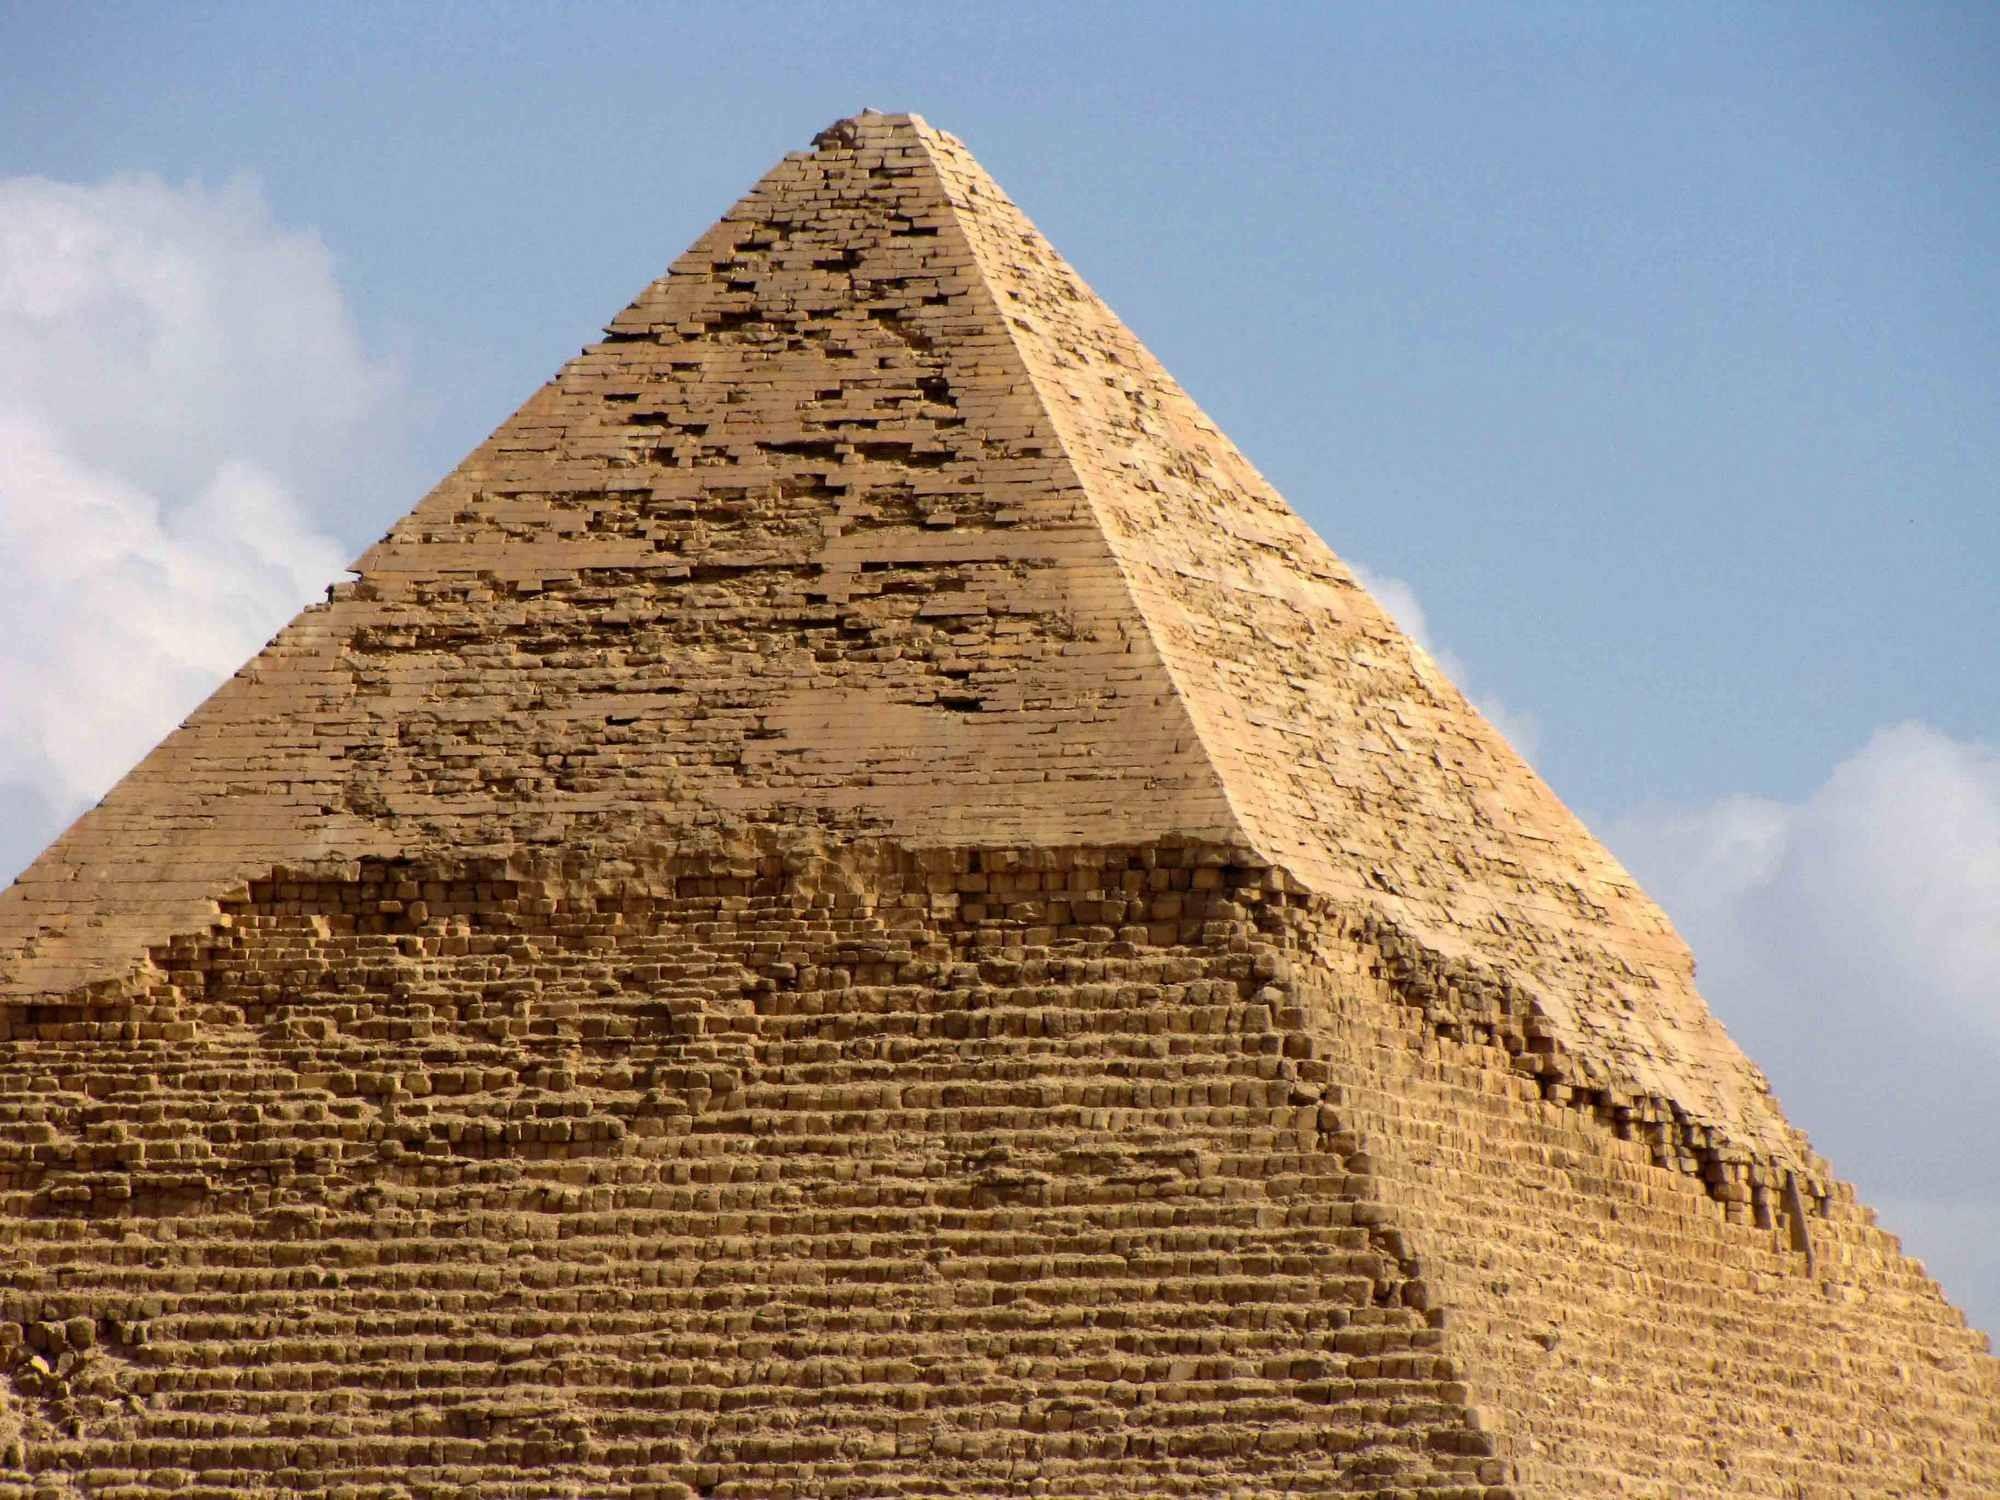 Ученые впервые изучили пирамиду при помощи космических лучей